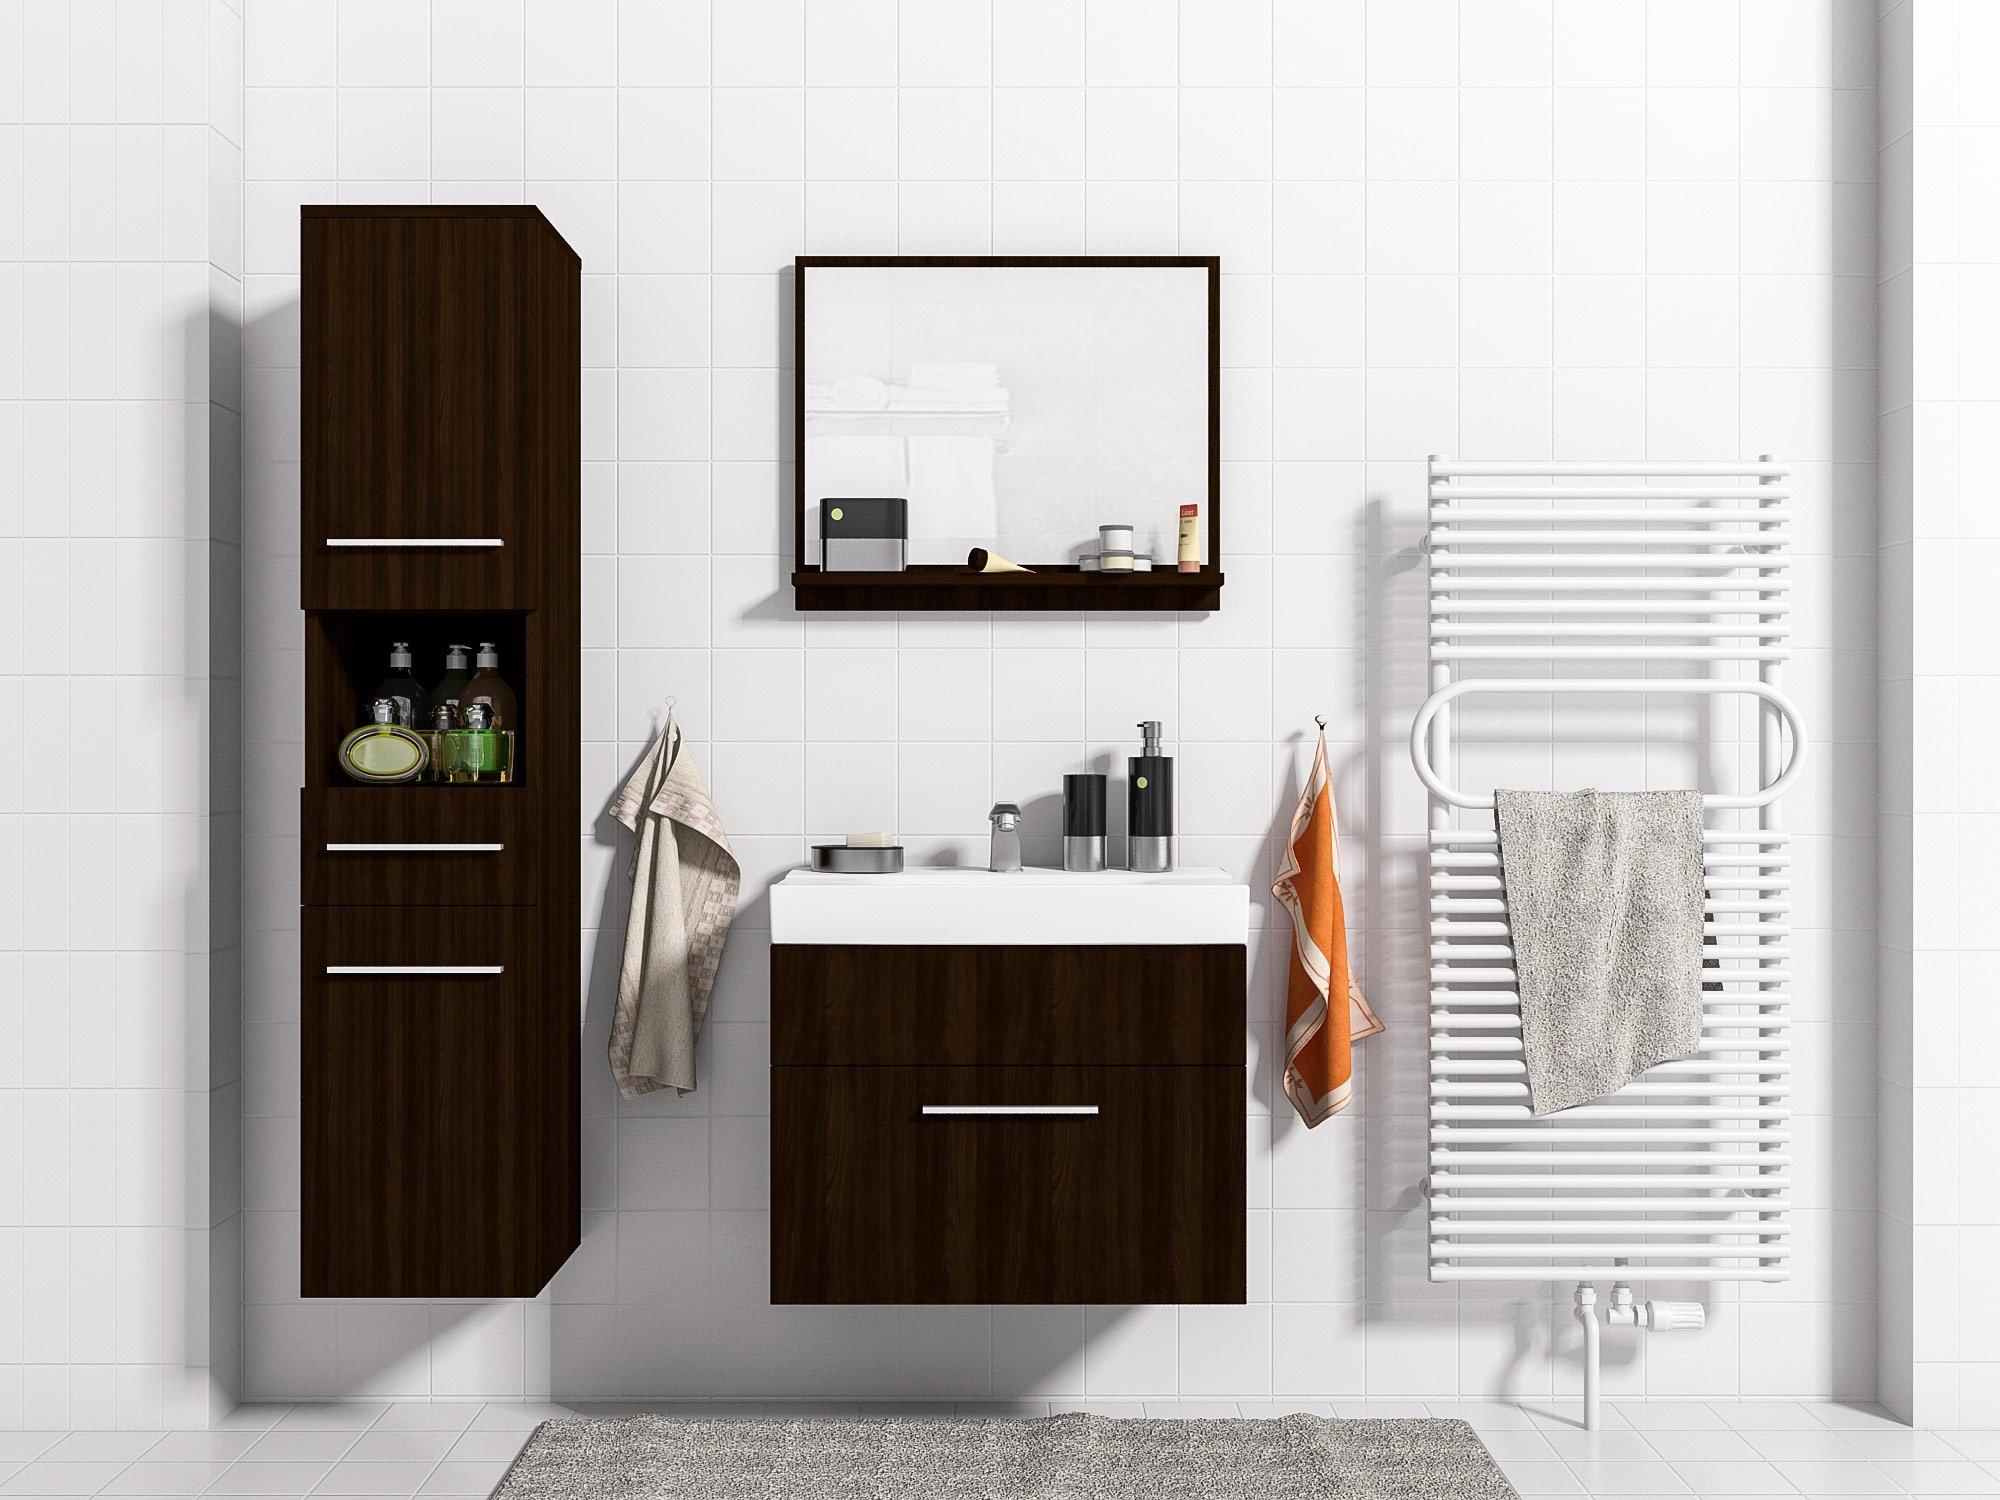 Nábytok pre kúpeľňa TIPO 1 lacná lumia MEBLINE